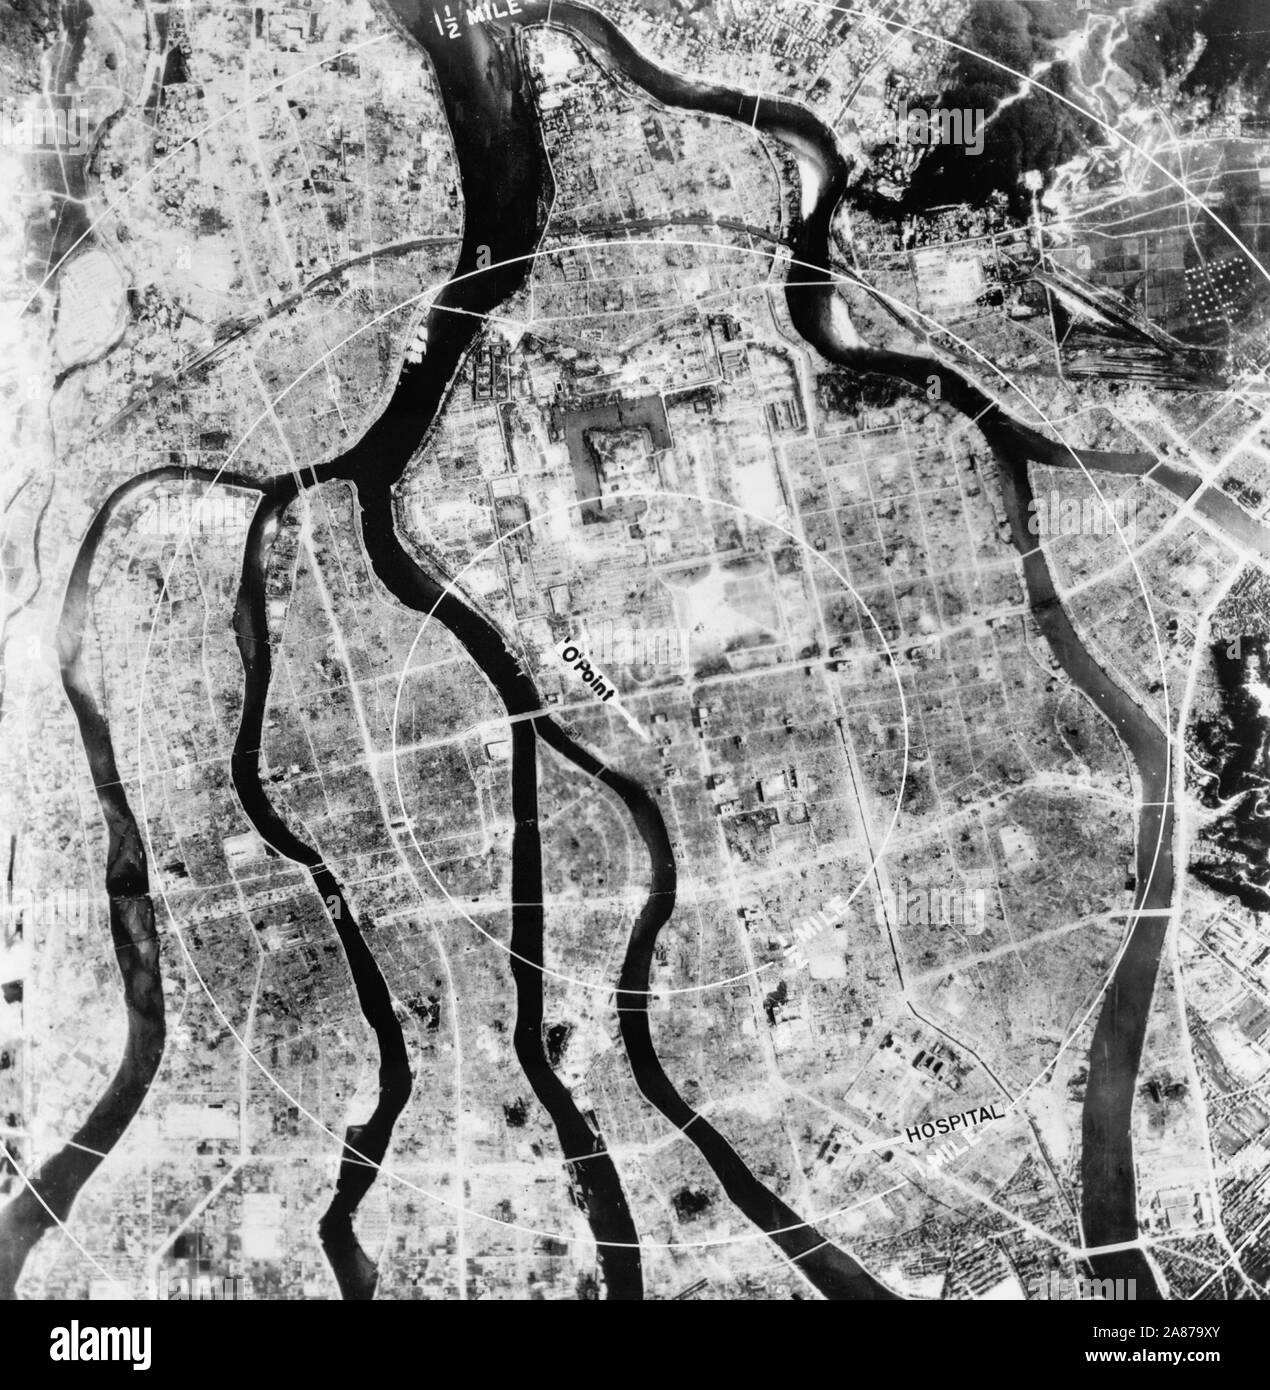 Vista aérea de Hiroshima después de la bomba, agosto de 1945 Fotografía de  stock - Alamy